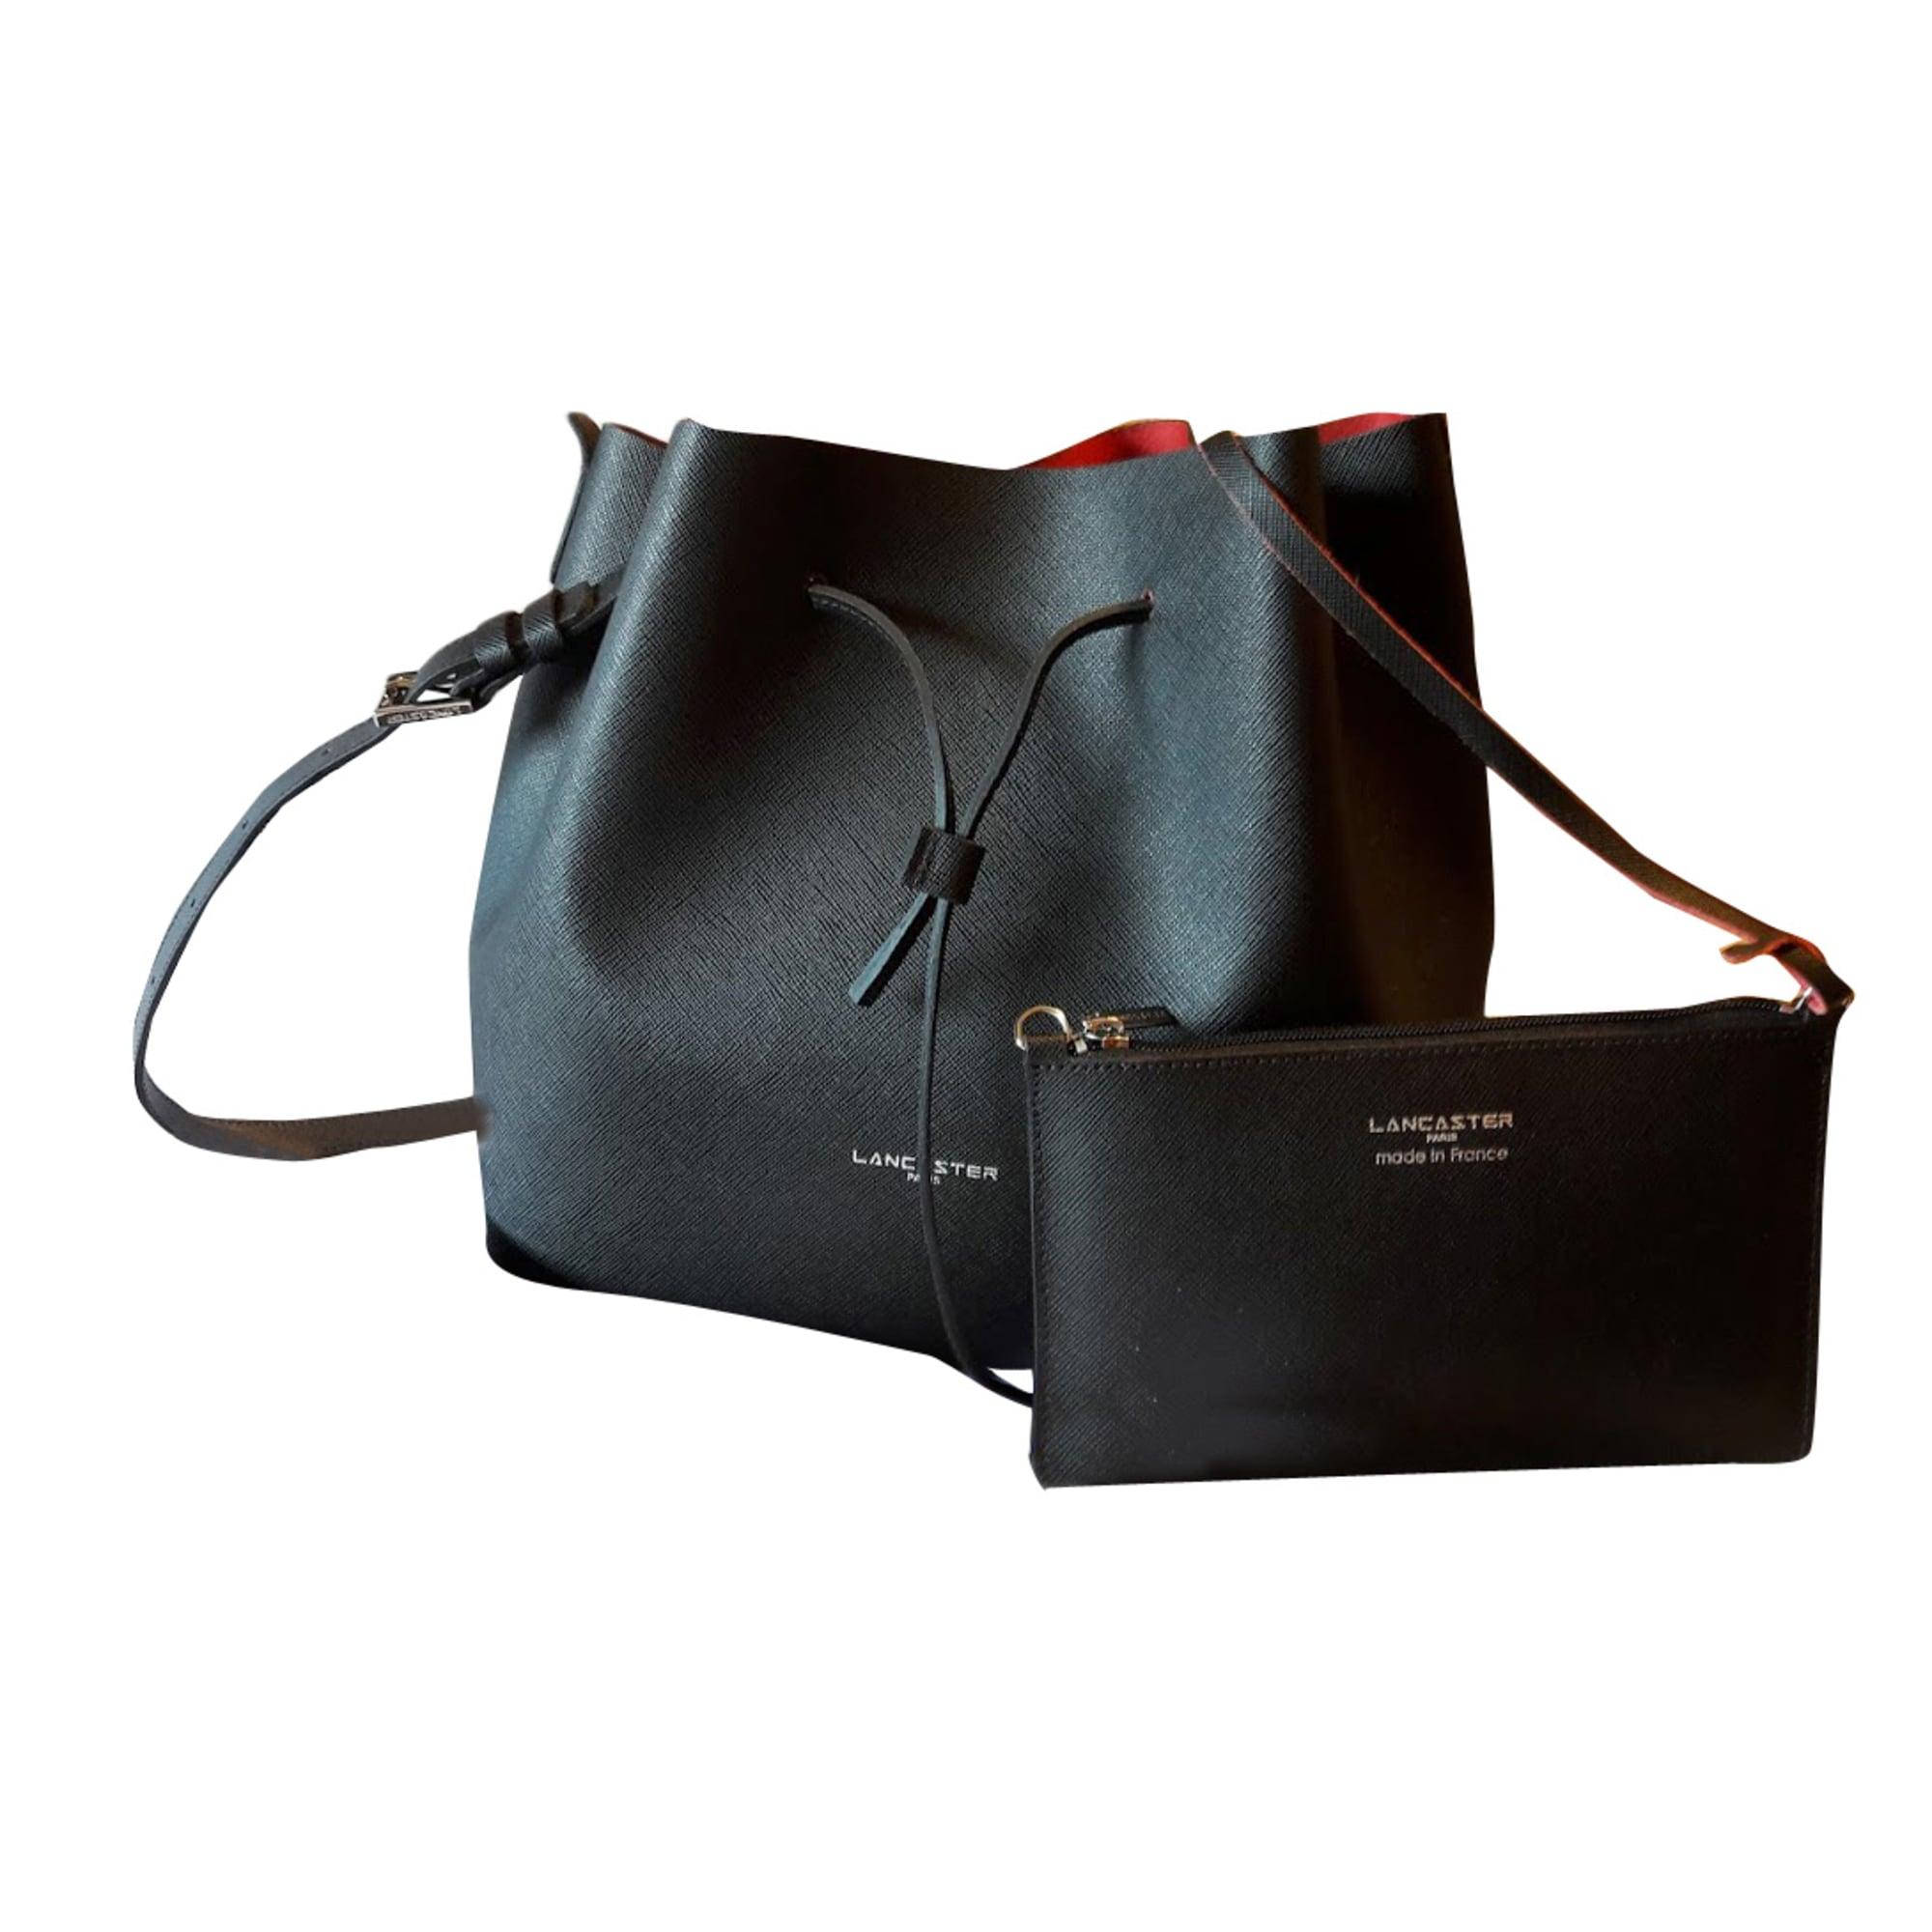 0eb1aa9b28 Sac en bandoulière en cuir LANCASTER noir vendu par Cathy 3845026 ...